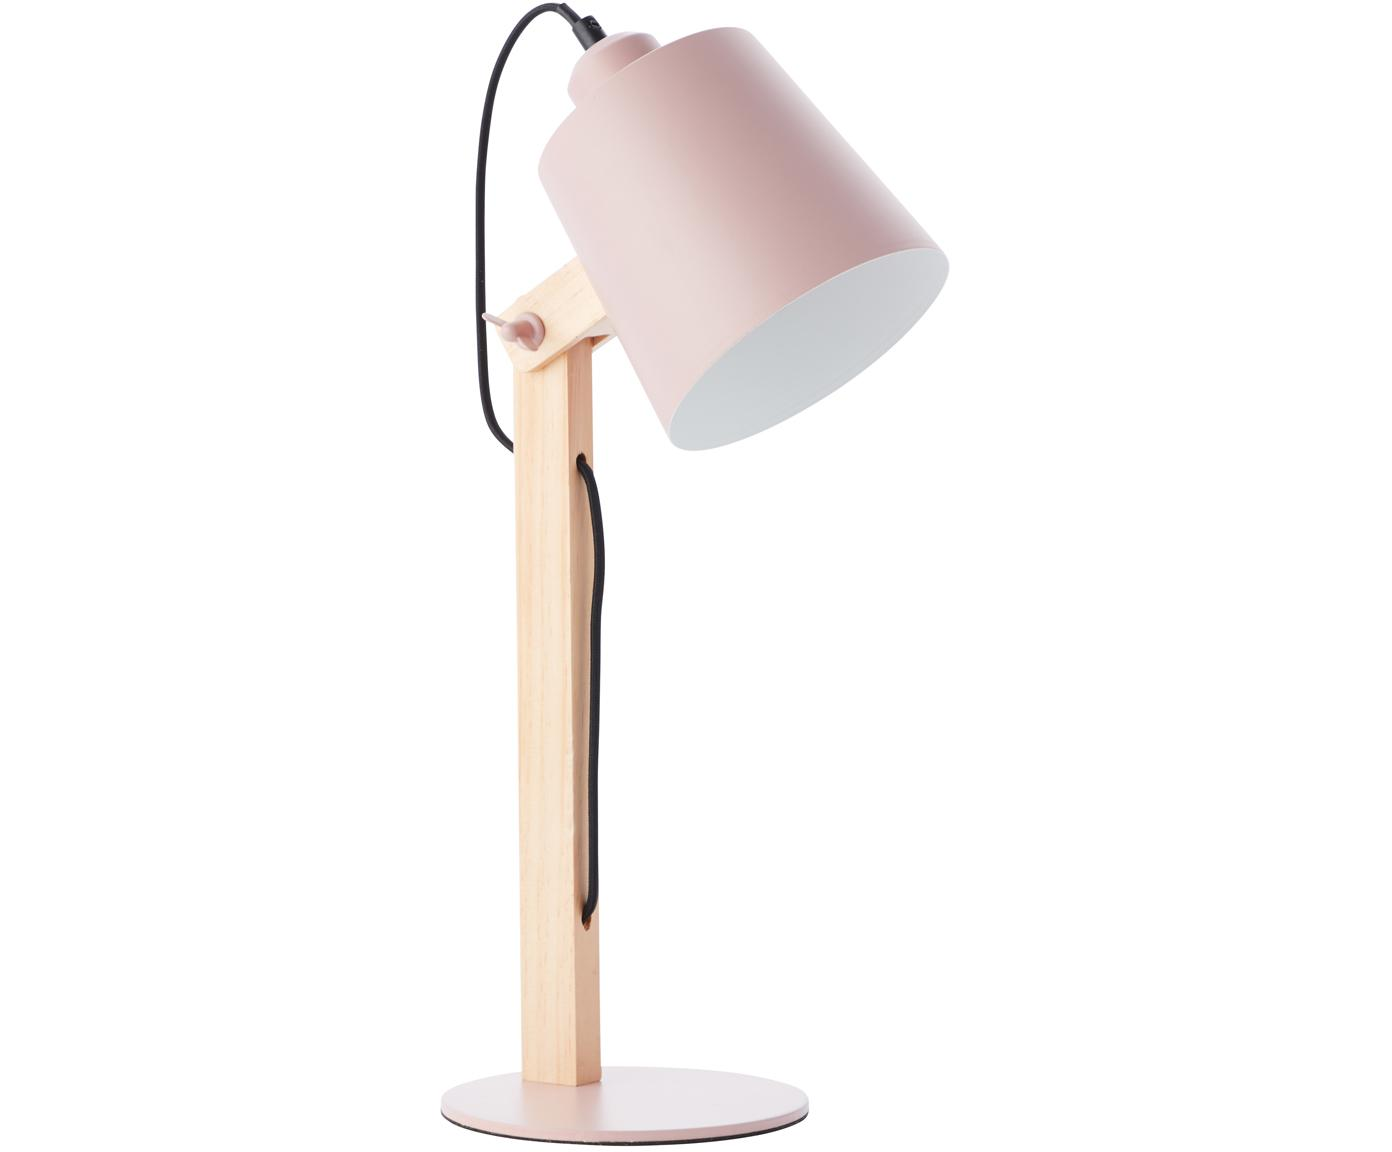 Lampa stołowa Swivel, Blady różowy, drewno naturalne, S 16 x W 52 cm